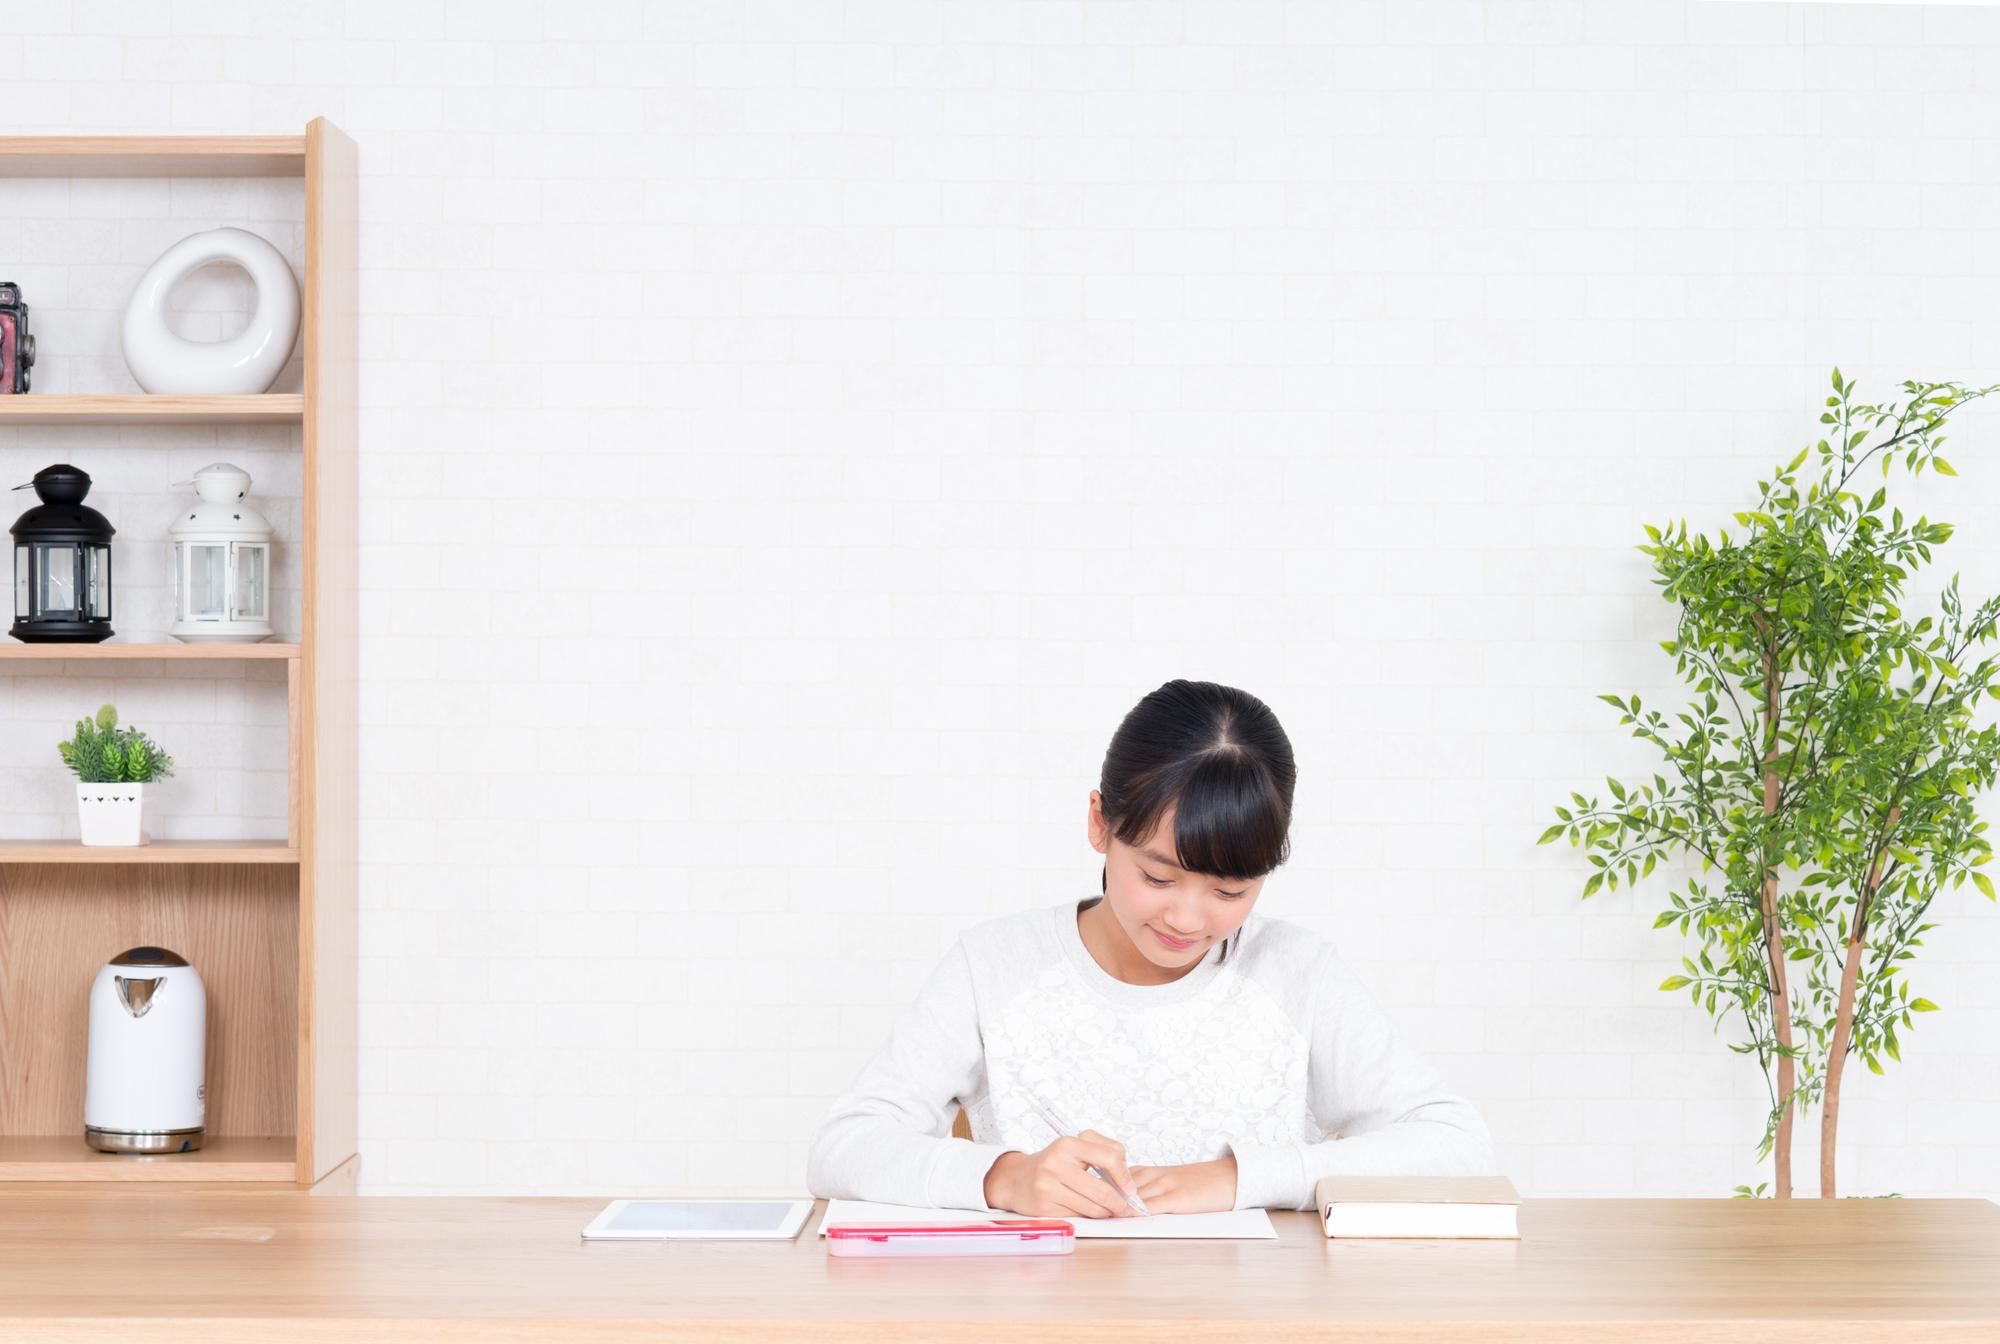 本とノートを使って勉強する白い服の女の子